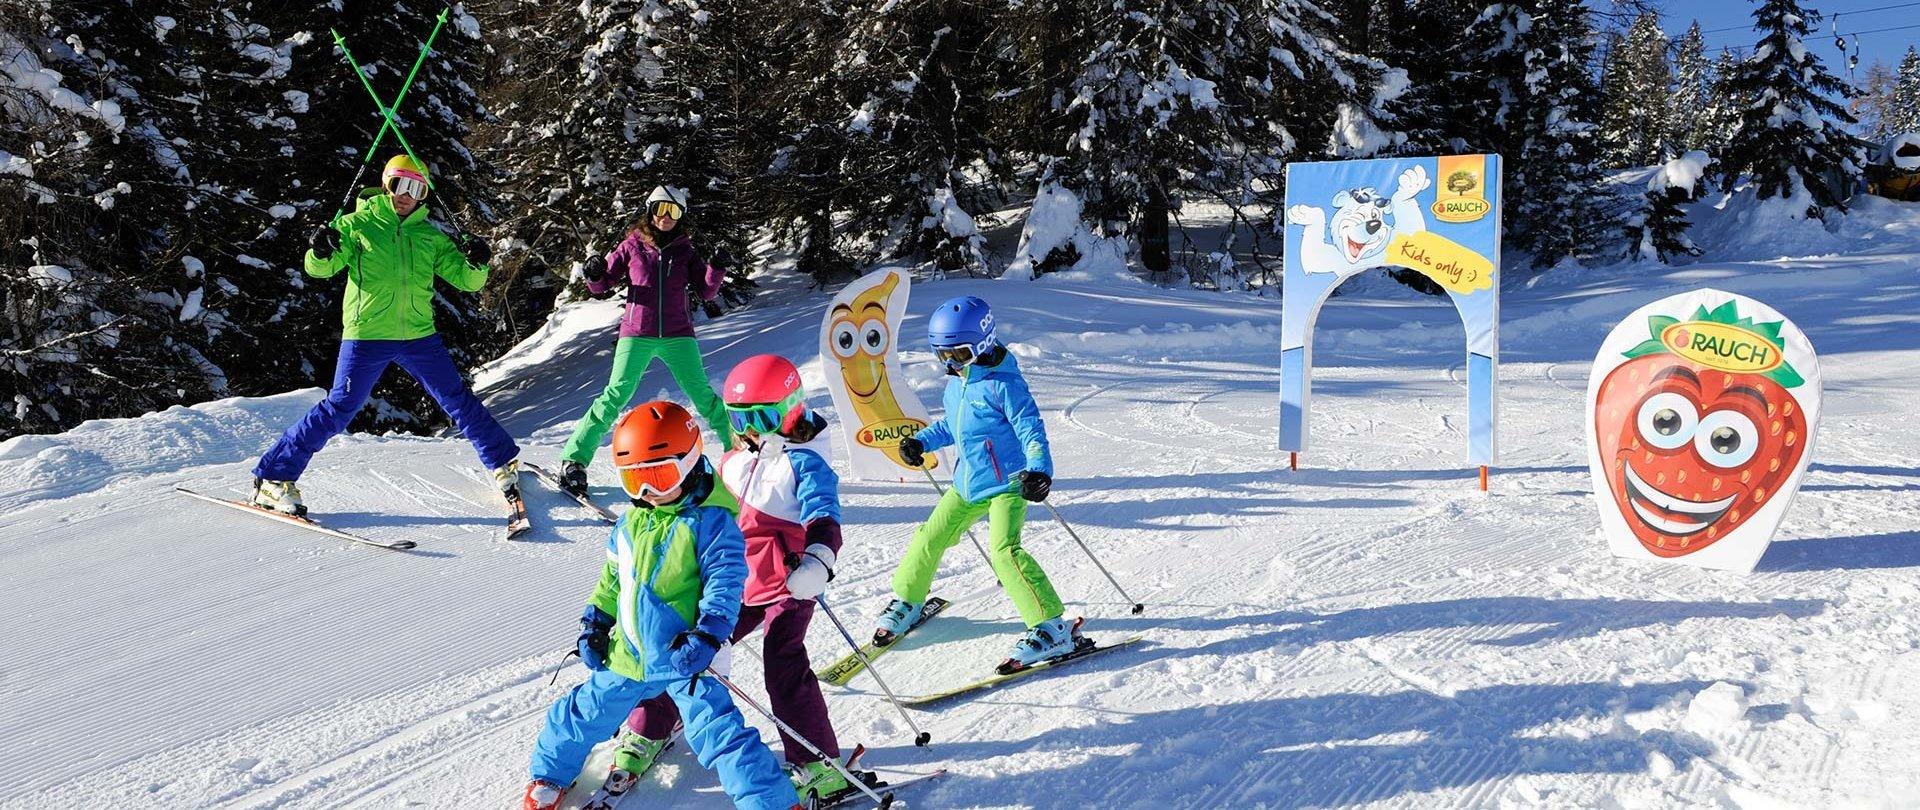 Vacanze sugli sci a carezza e ski center latemar obereggen for Appartamenti carezza